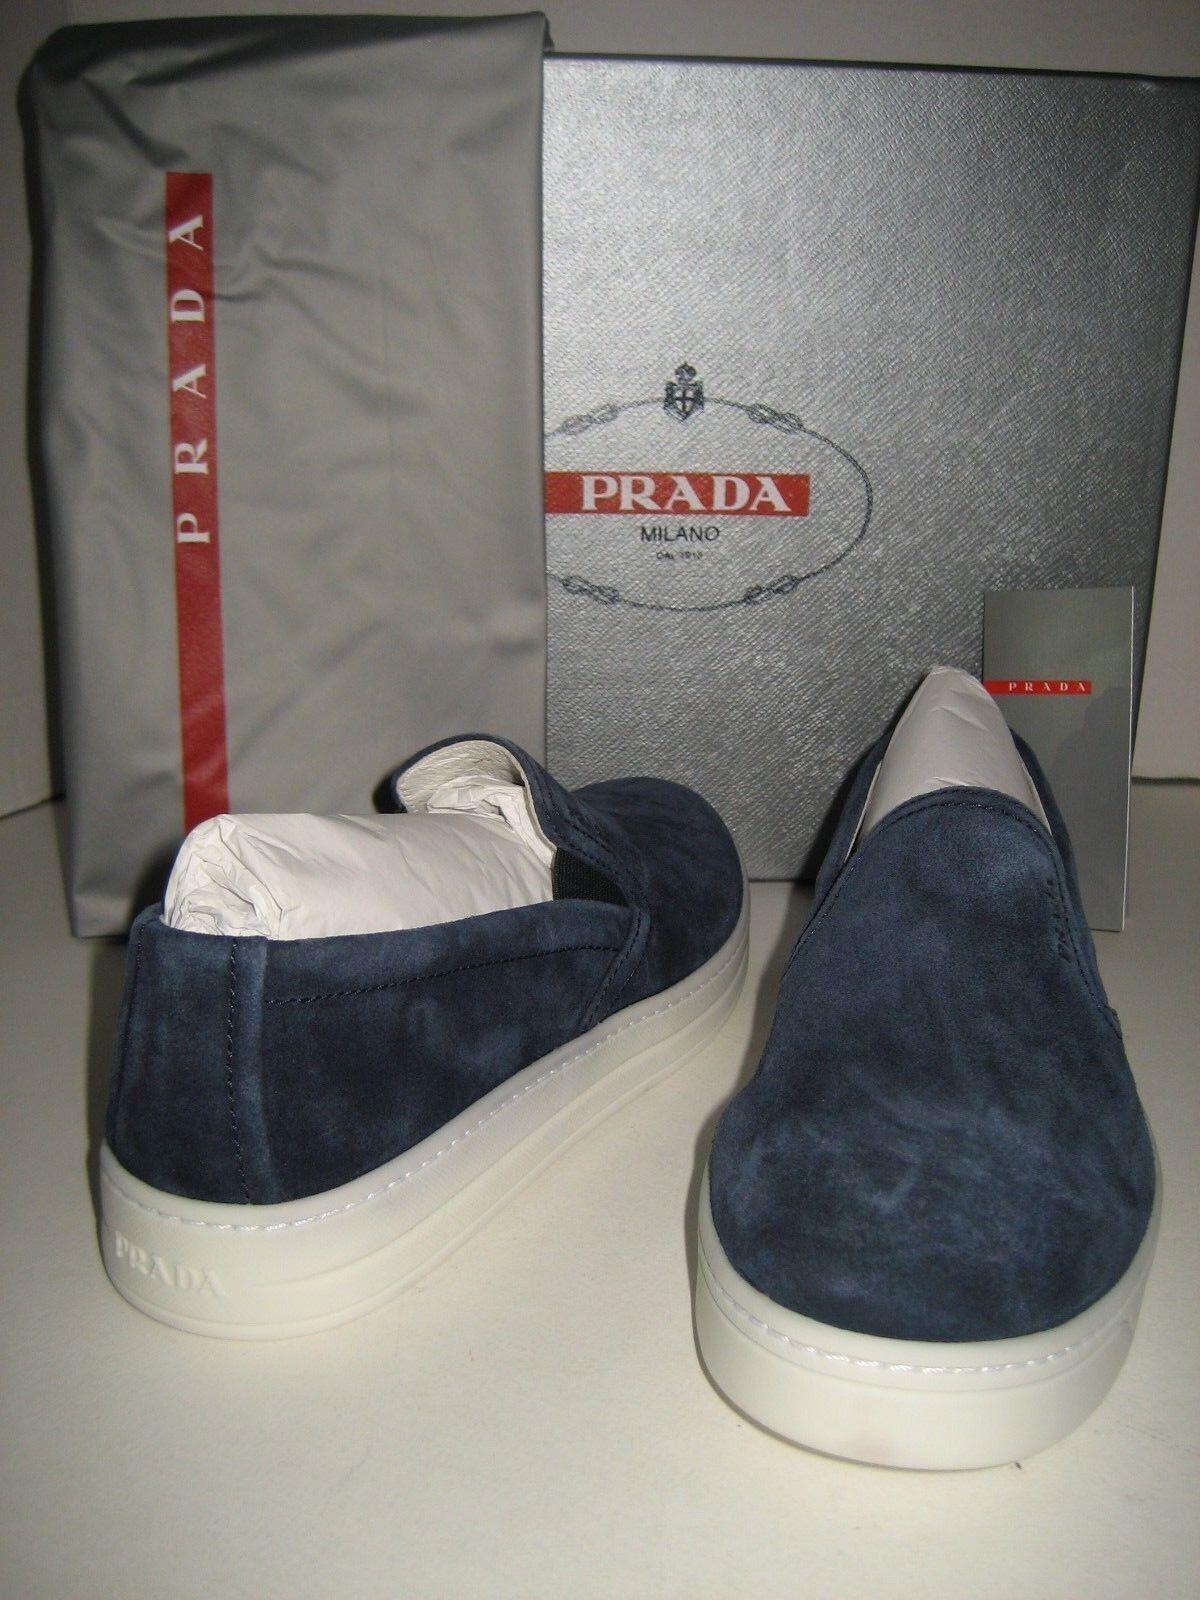 Zapatos de Cuero nuevo Mujeres PRADA US 5.5 5.5 5.5 EU 36 Slip On Azul patinador Tenis de gamuza Bx  comprar barato